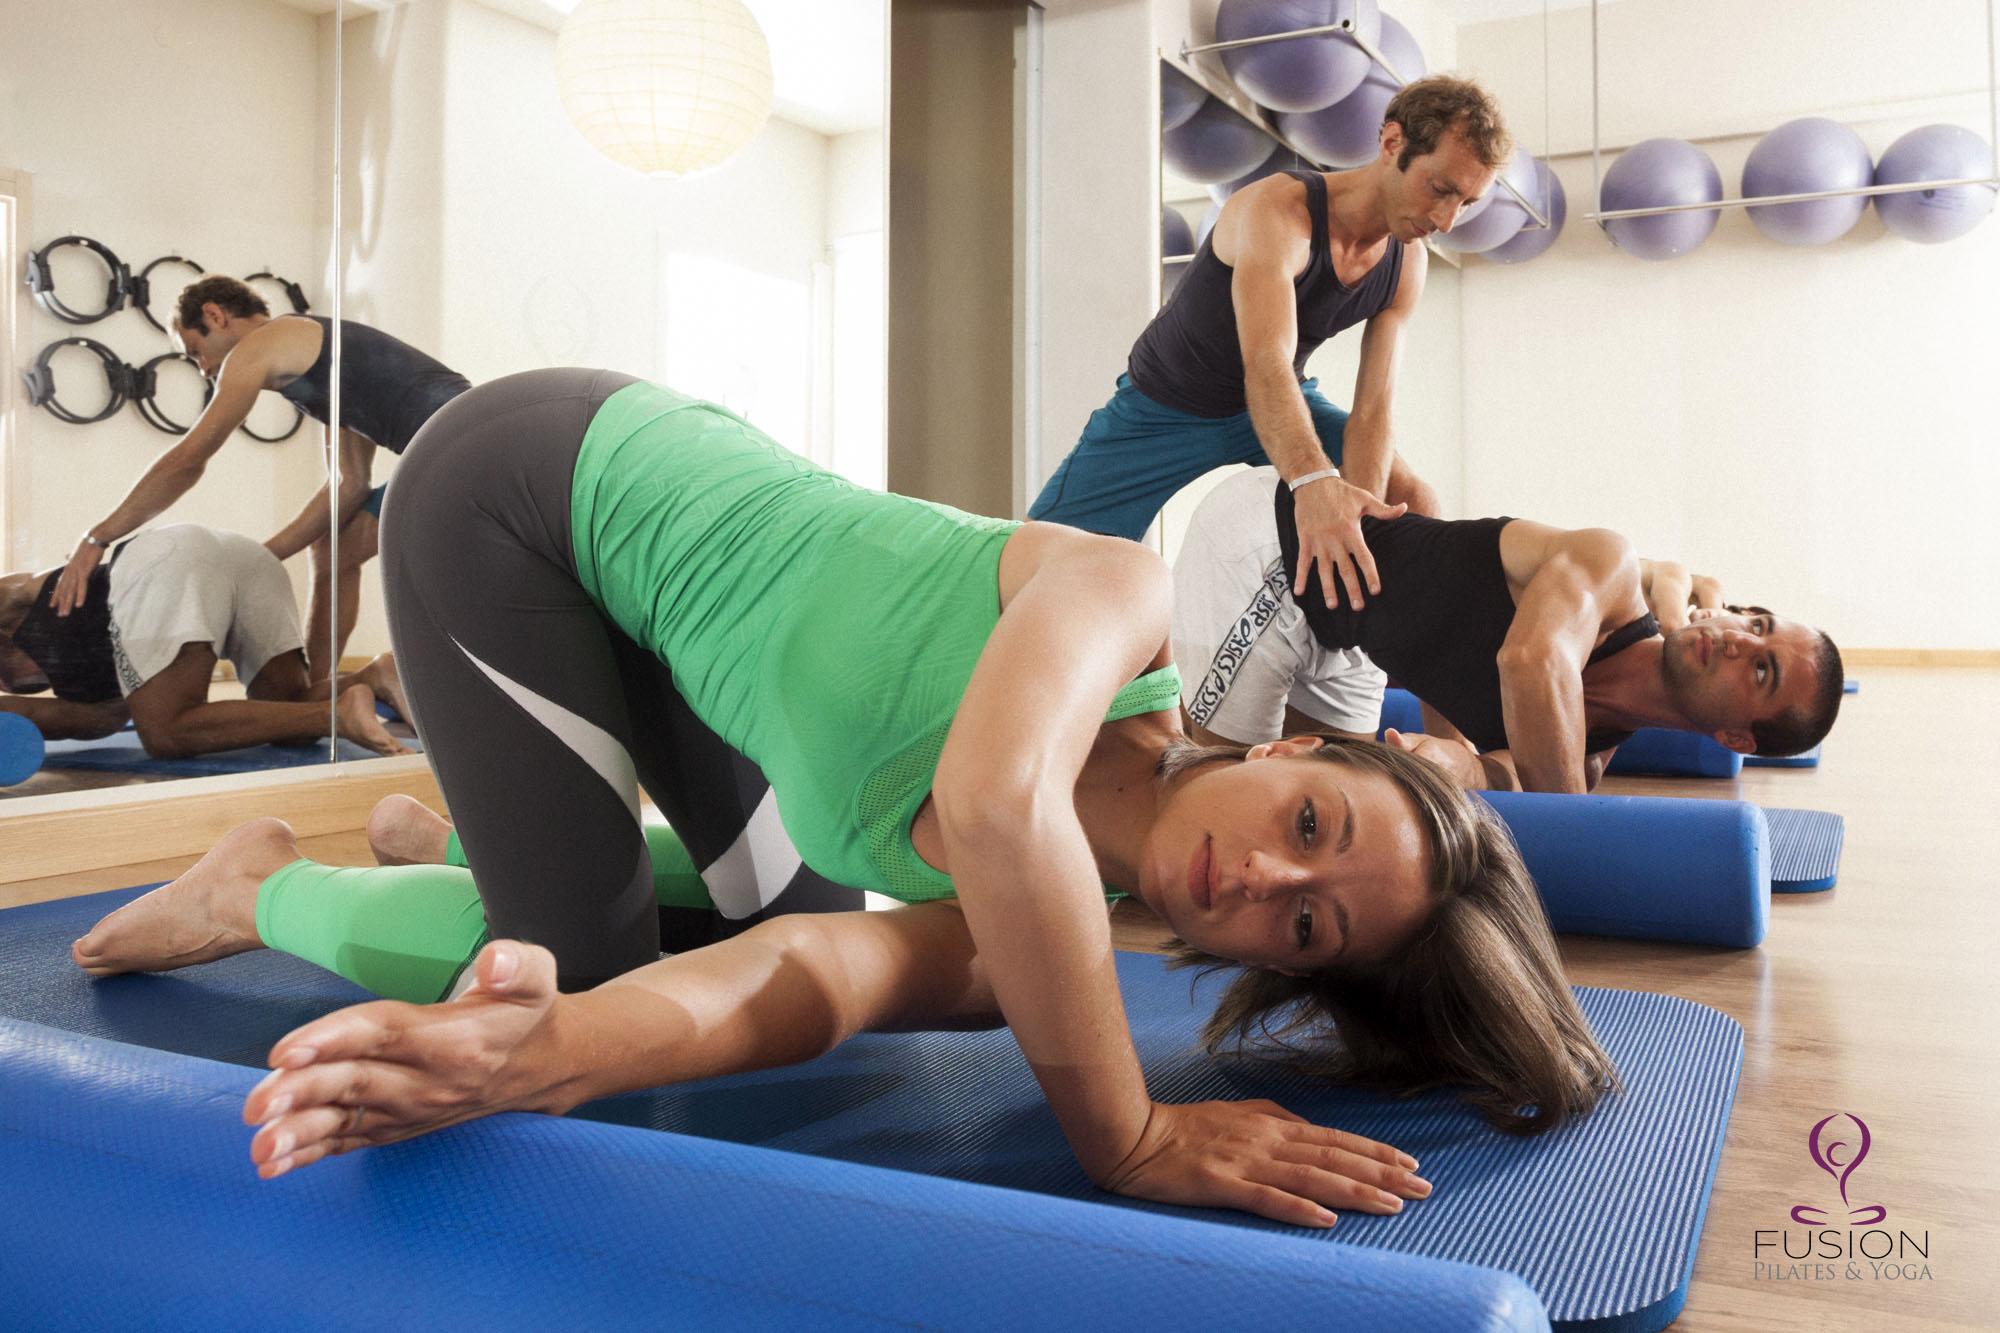 Il Pilates coi piccoli attrezzi rende più efficaci gli esercizi